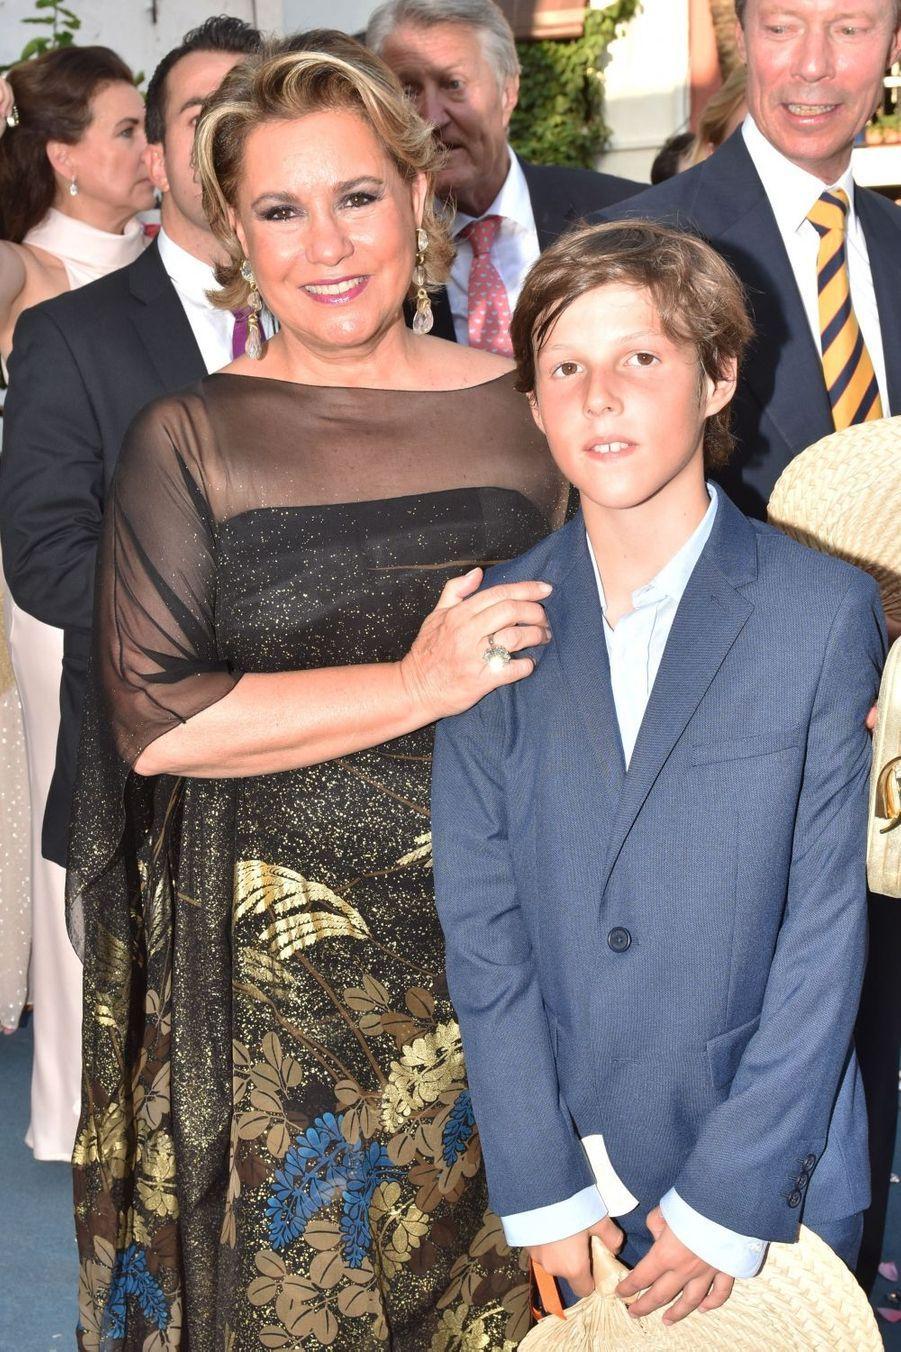 La grande-duchesse Maria Teresa de Luxembourg avec son petit-fils le prince Gabriel à Marbella, le 2 septembre 2017